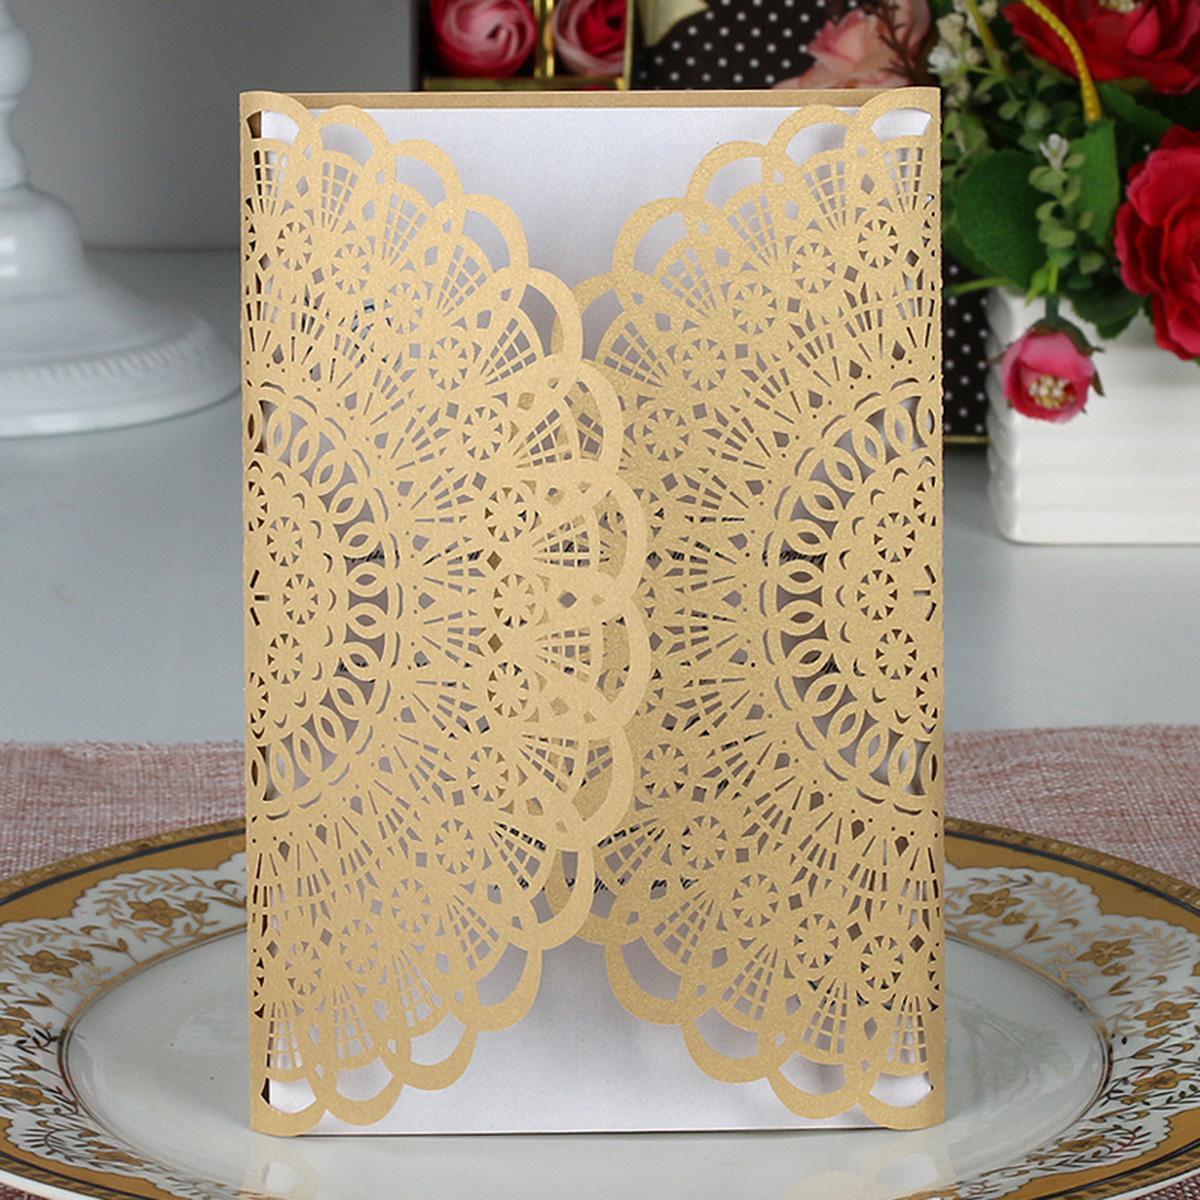 Grosshandel 10 Stucke Hohle Blume Hochzeit Einladungskarten Papier